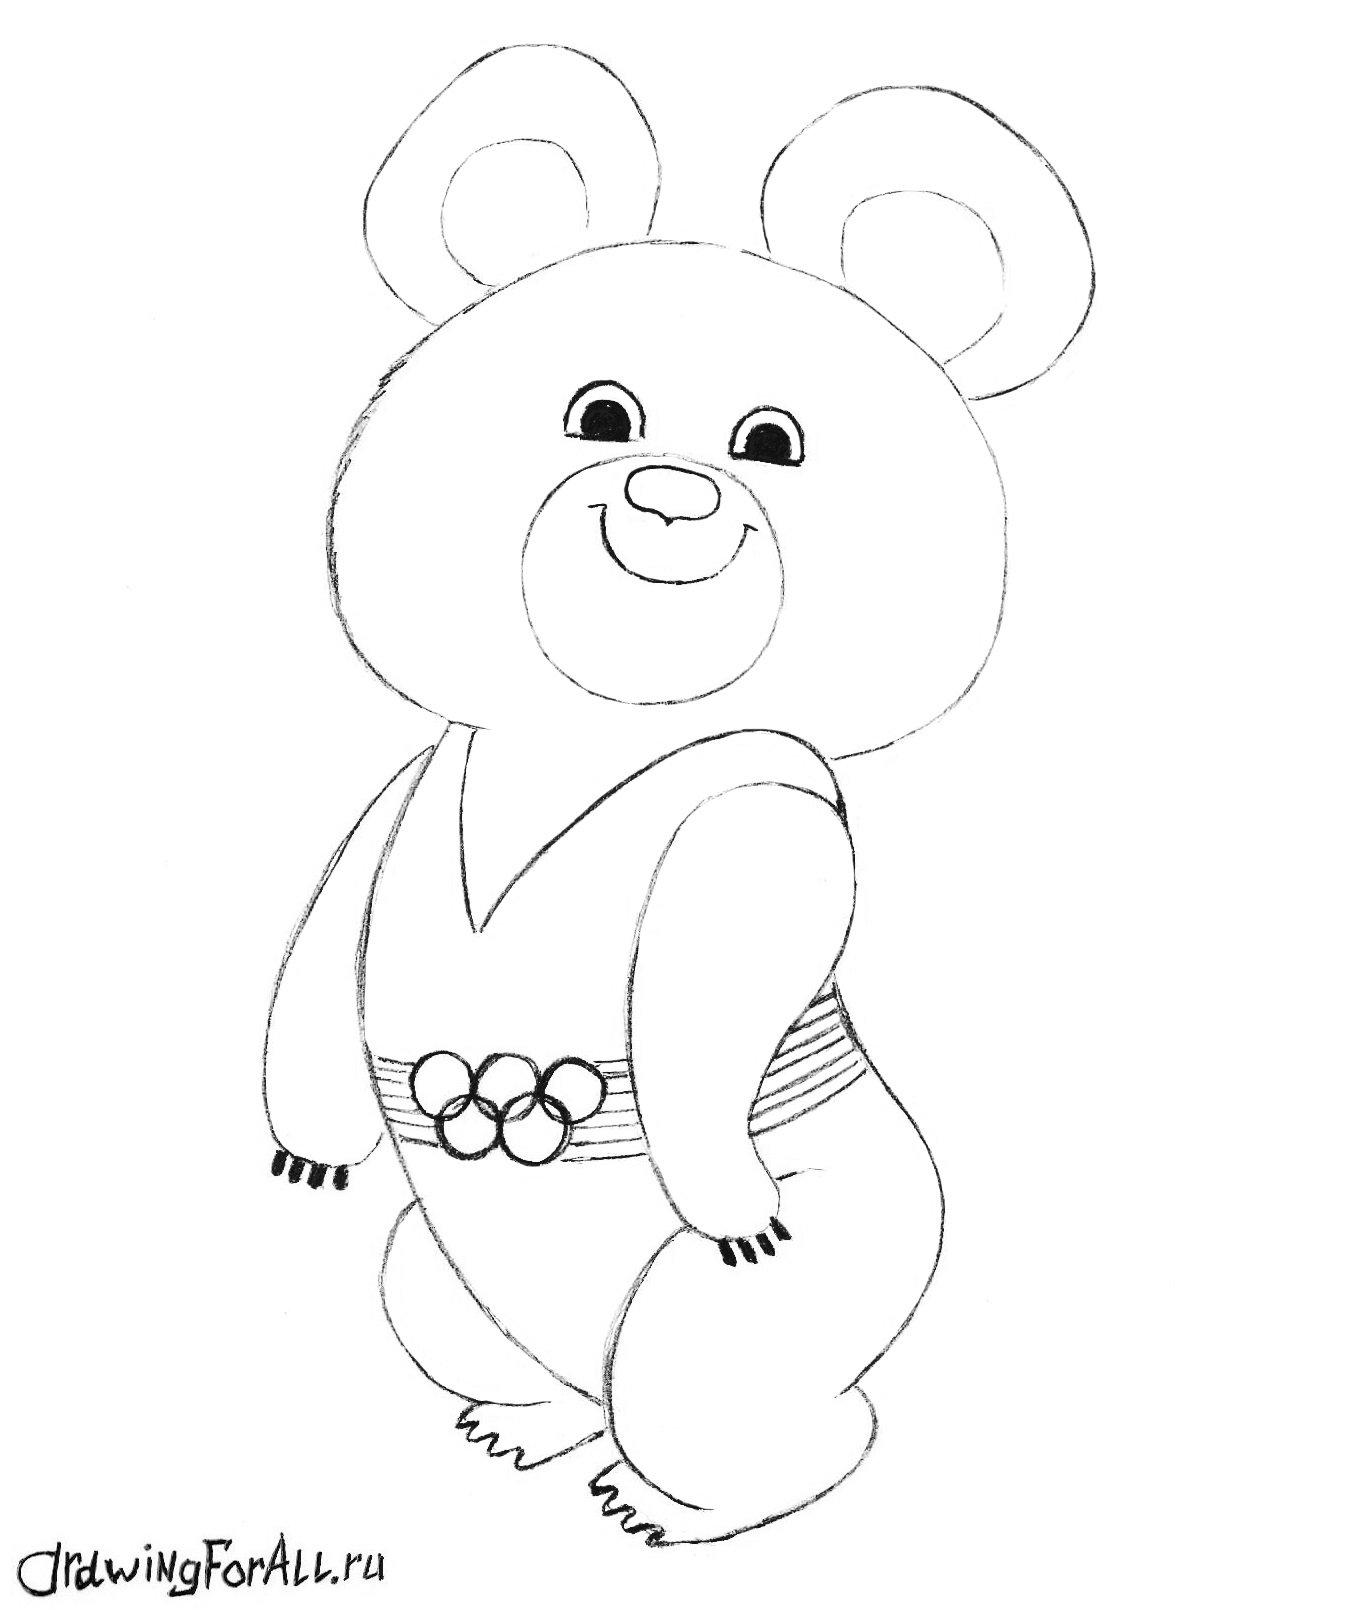 как нарисовать олимпийского мишку